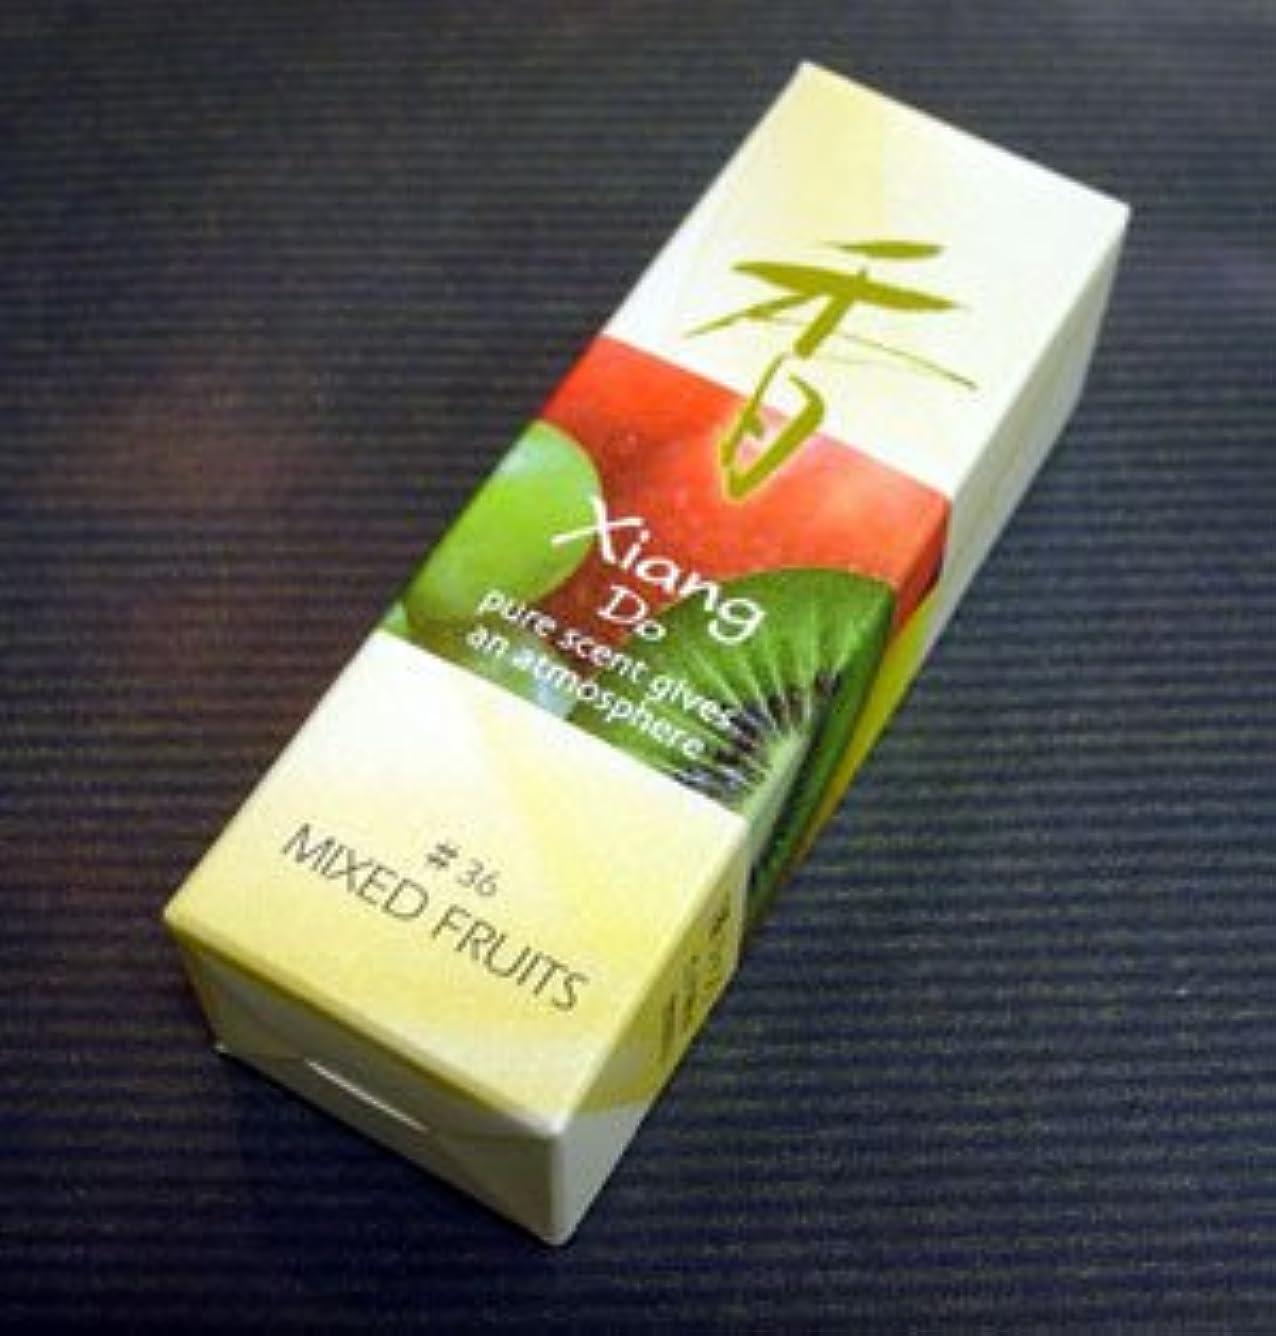 トランペット優れた証明書自然の恵み、色とりどり 松栄堂【Xiang Do ミックスフルーツ】スティック 【お香】